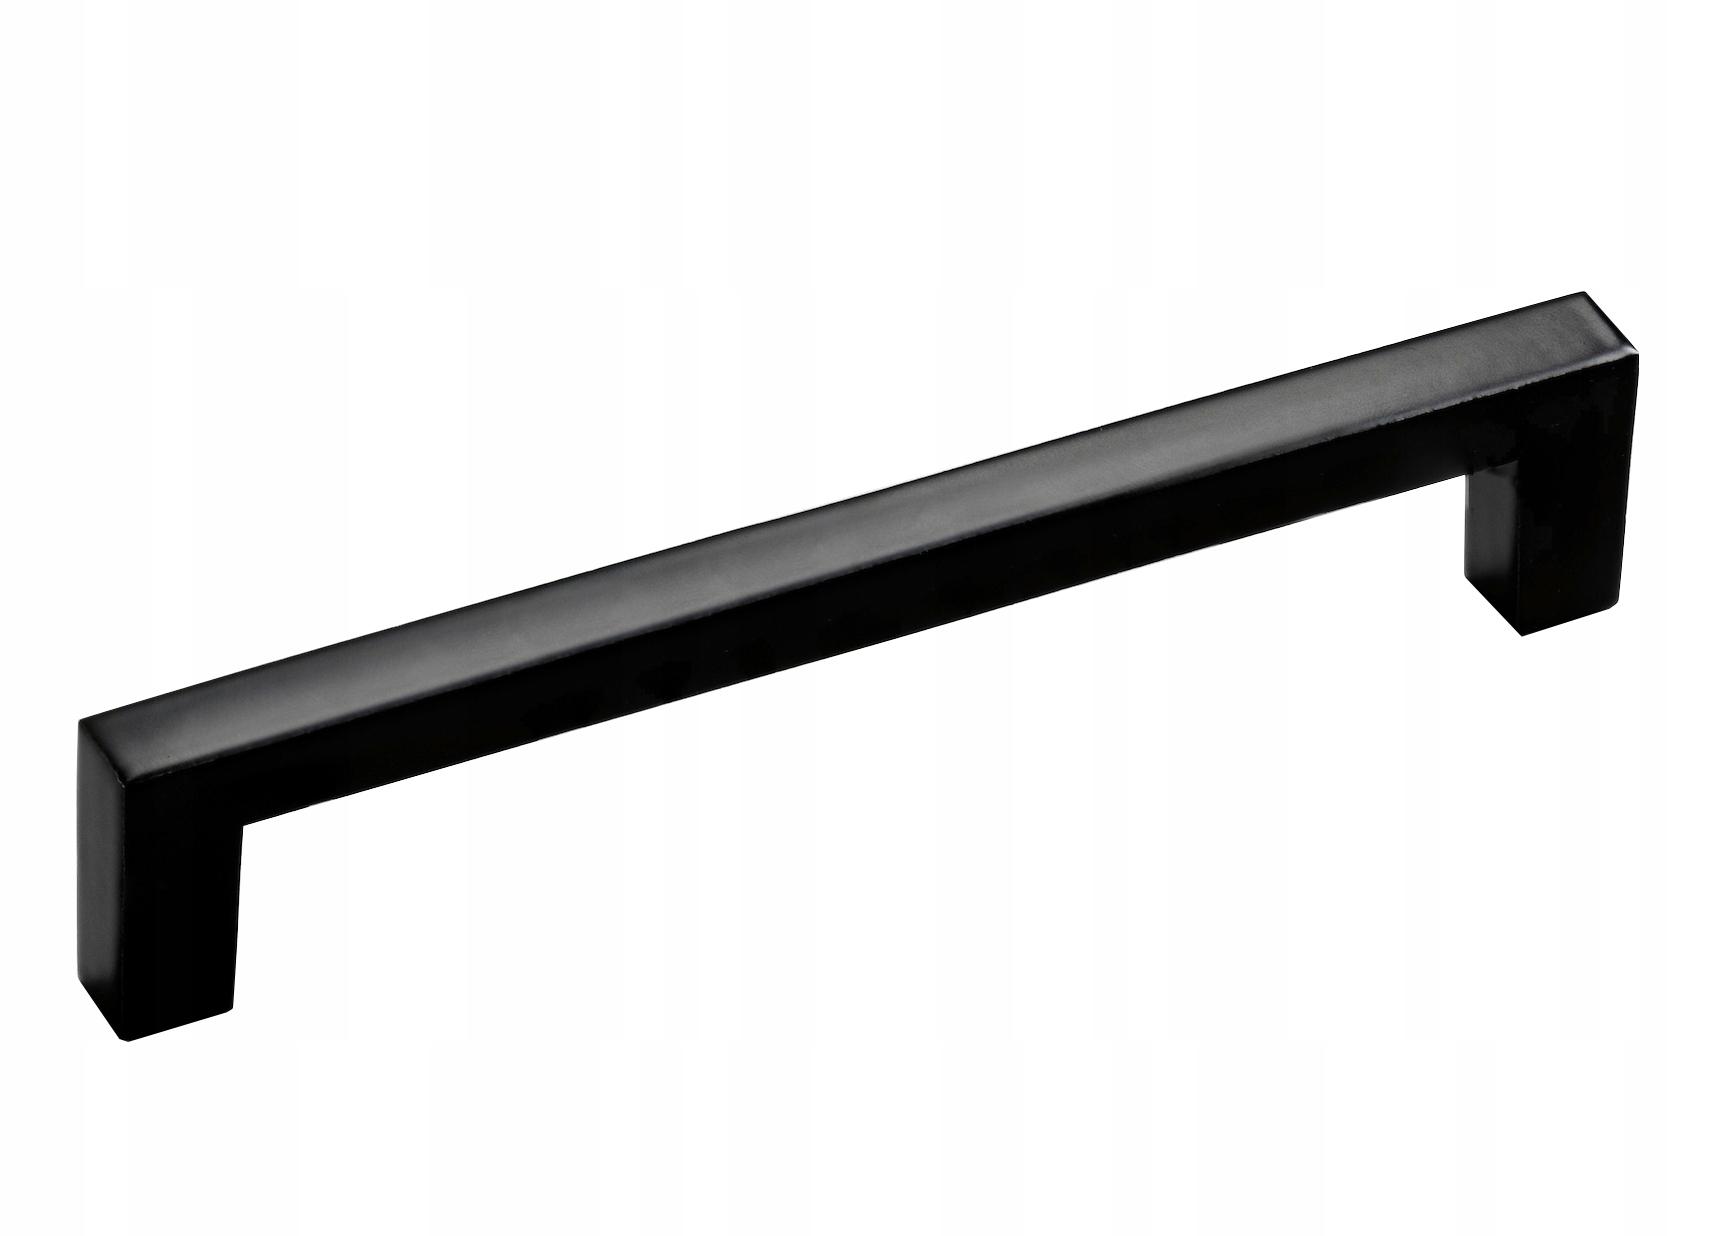 UCHWYT MEBLOWY KWADRATOWY CZARNY MAT 128mm